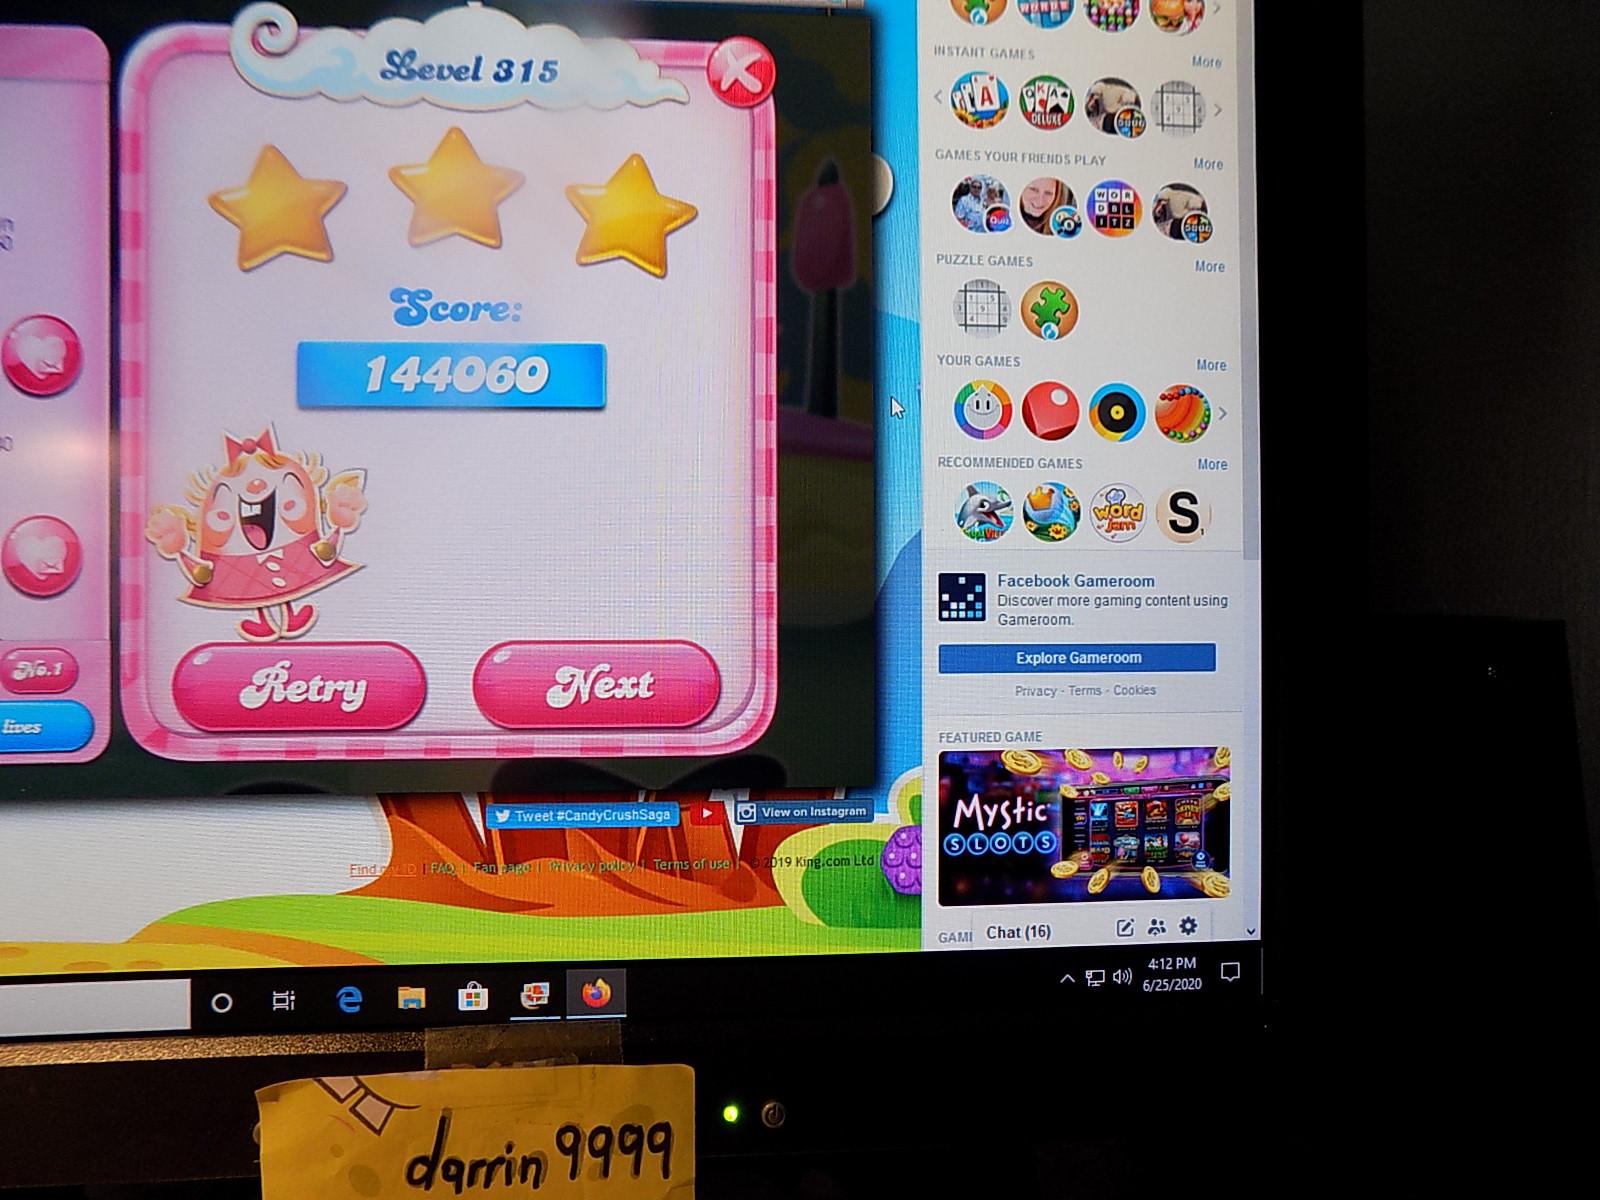 darrin9999: Candy Crush Saga: Level 315 (Web) 144,060 points on 2020-08-02 16:23:42